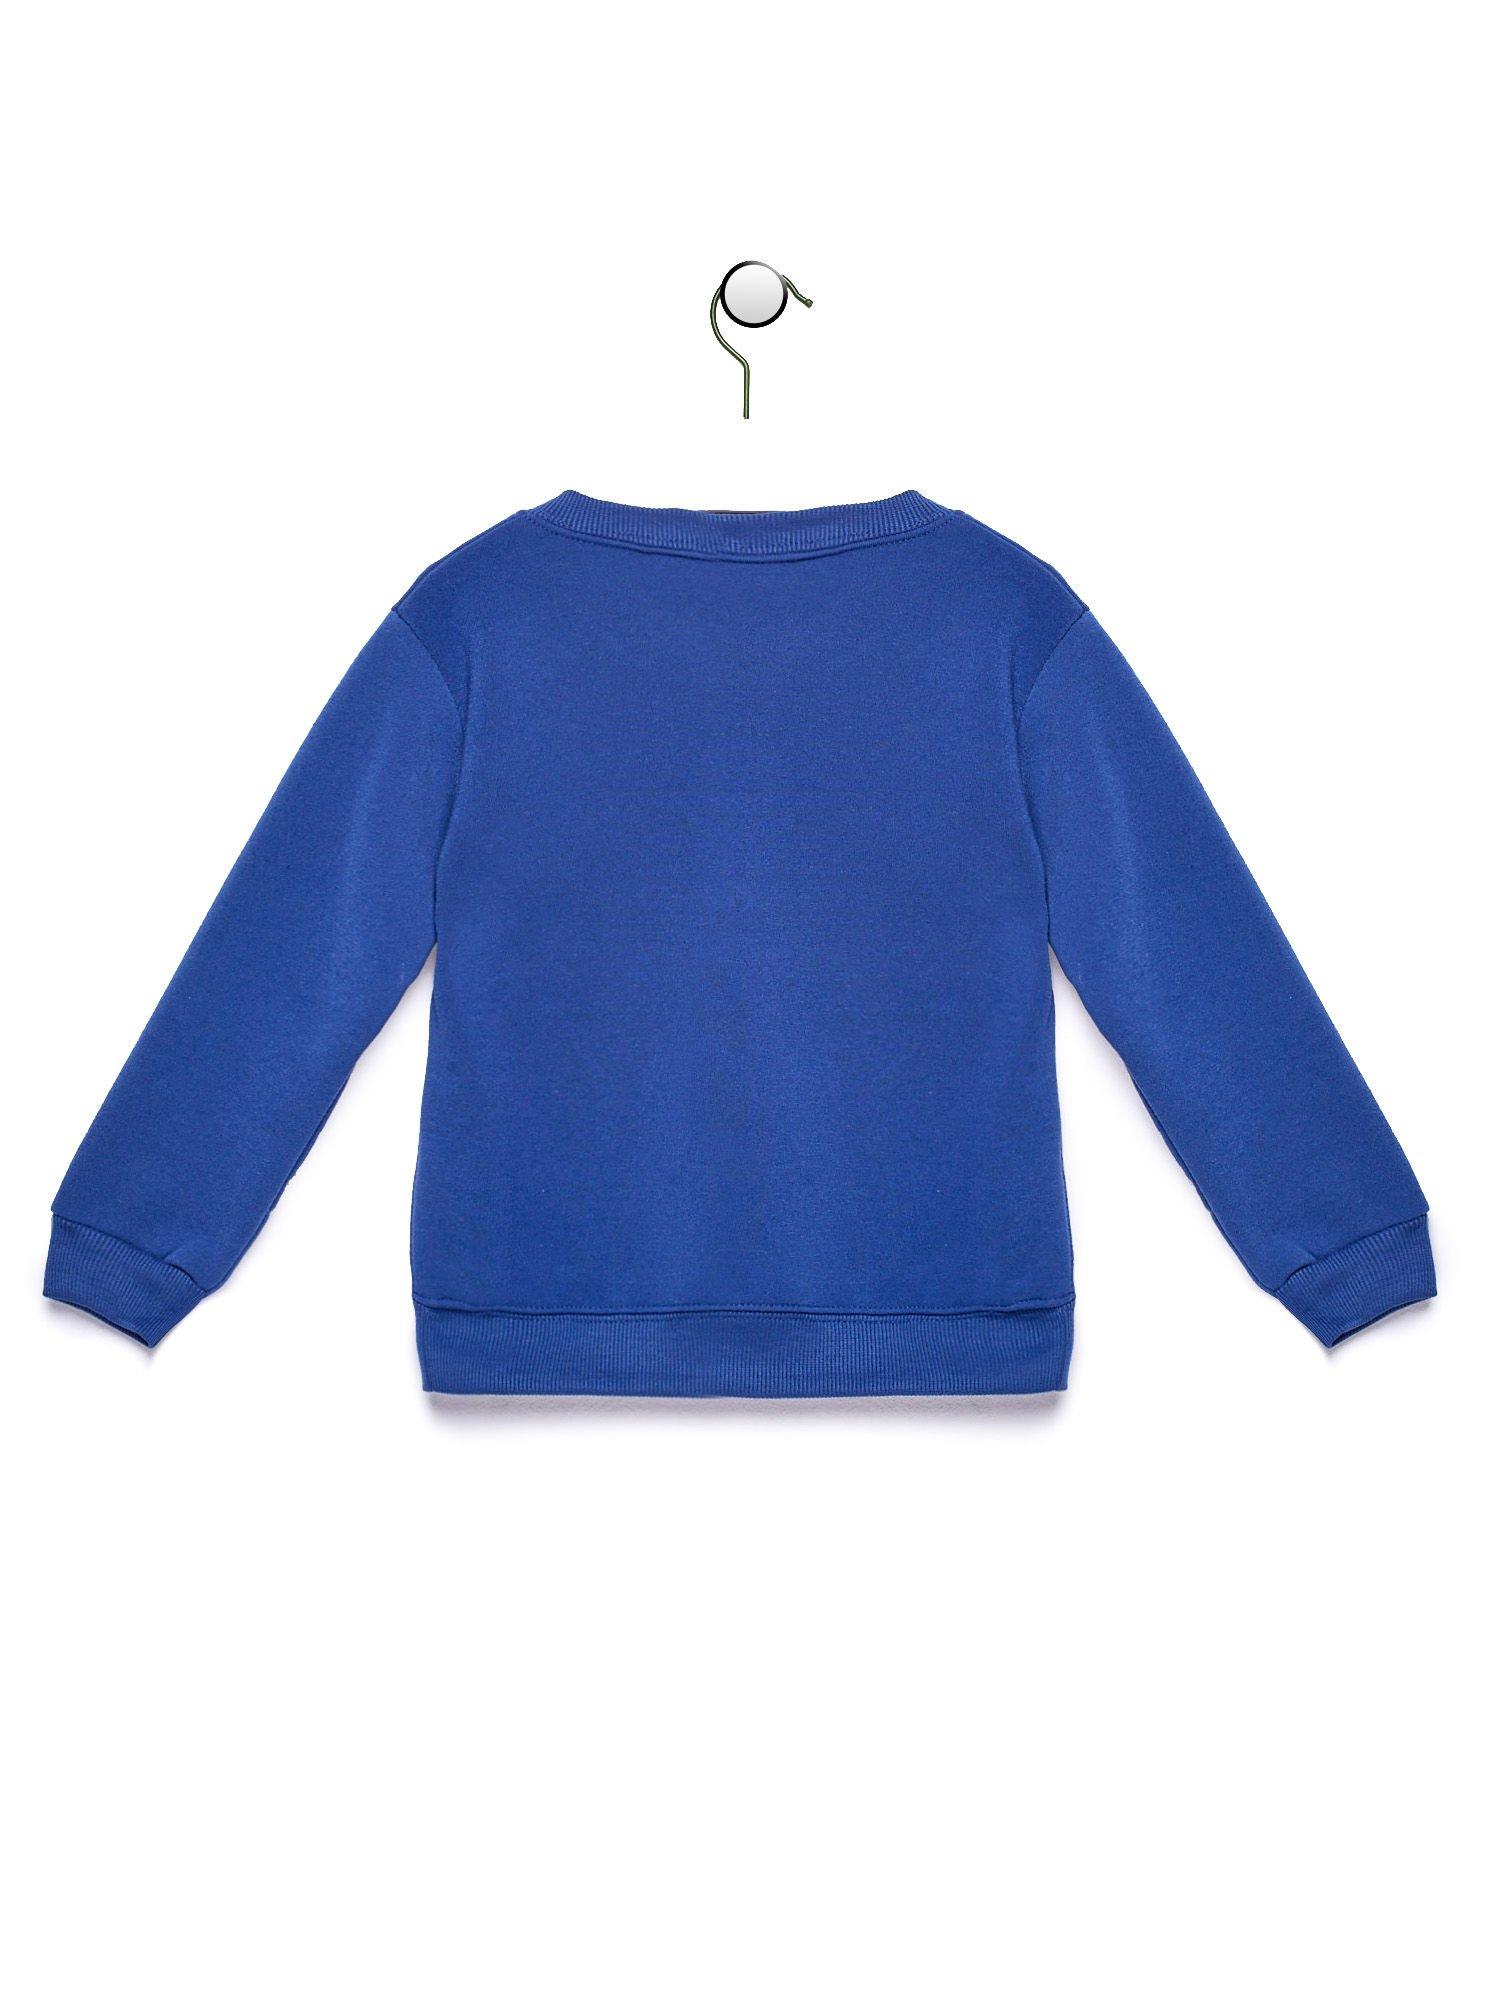 Niebieska bluza chłopięca z nadrukiem samochodu